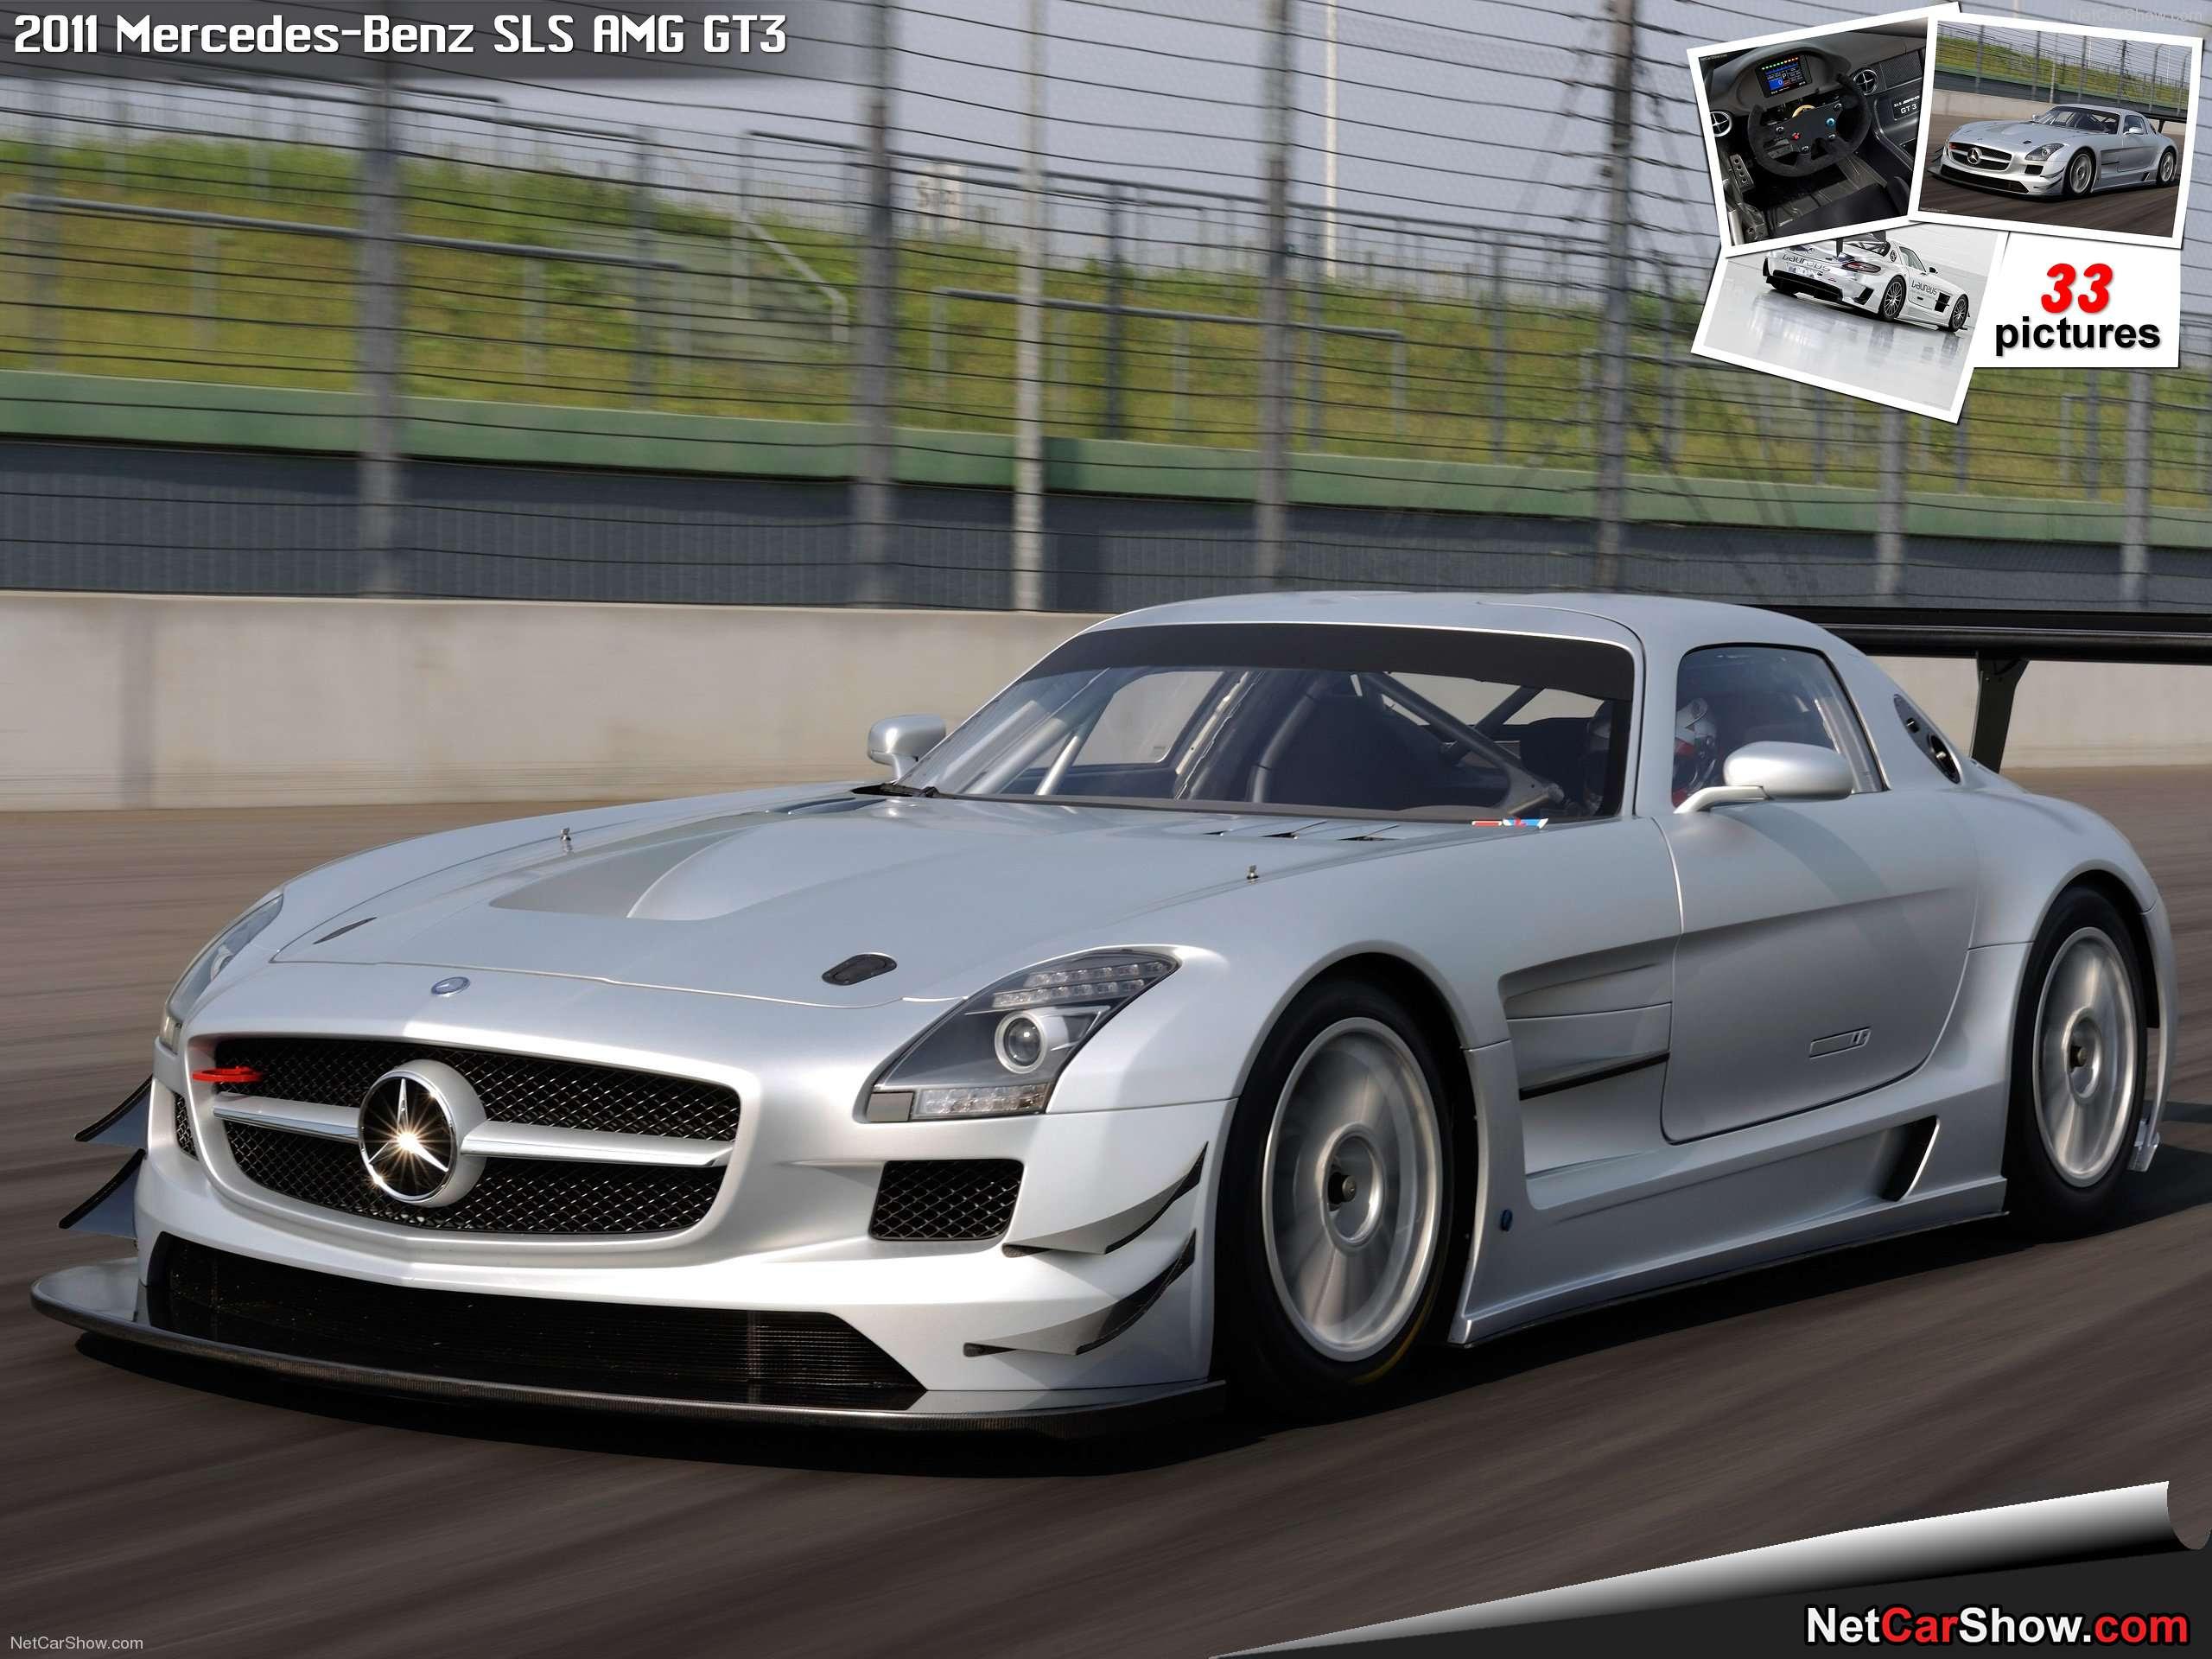 Mercedes-Benz SLS AMG GT3 (2011)